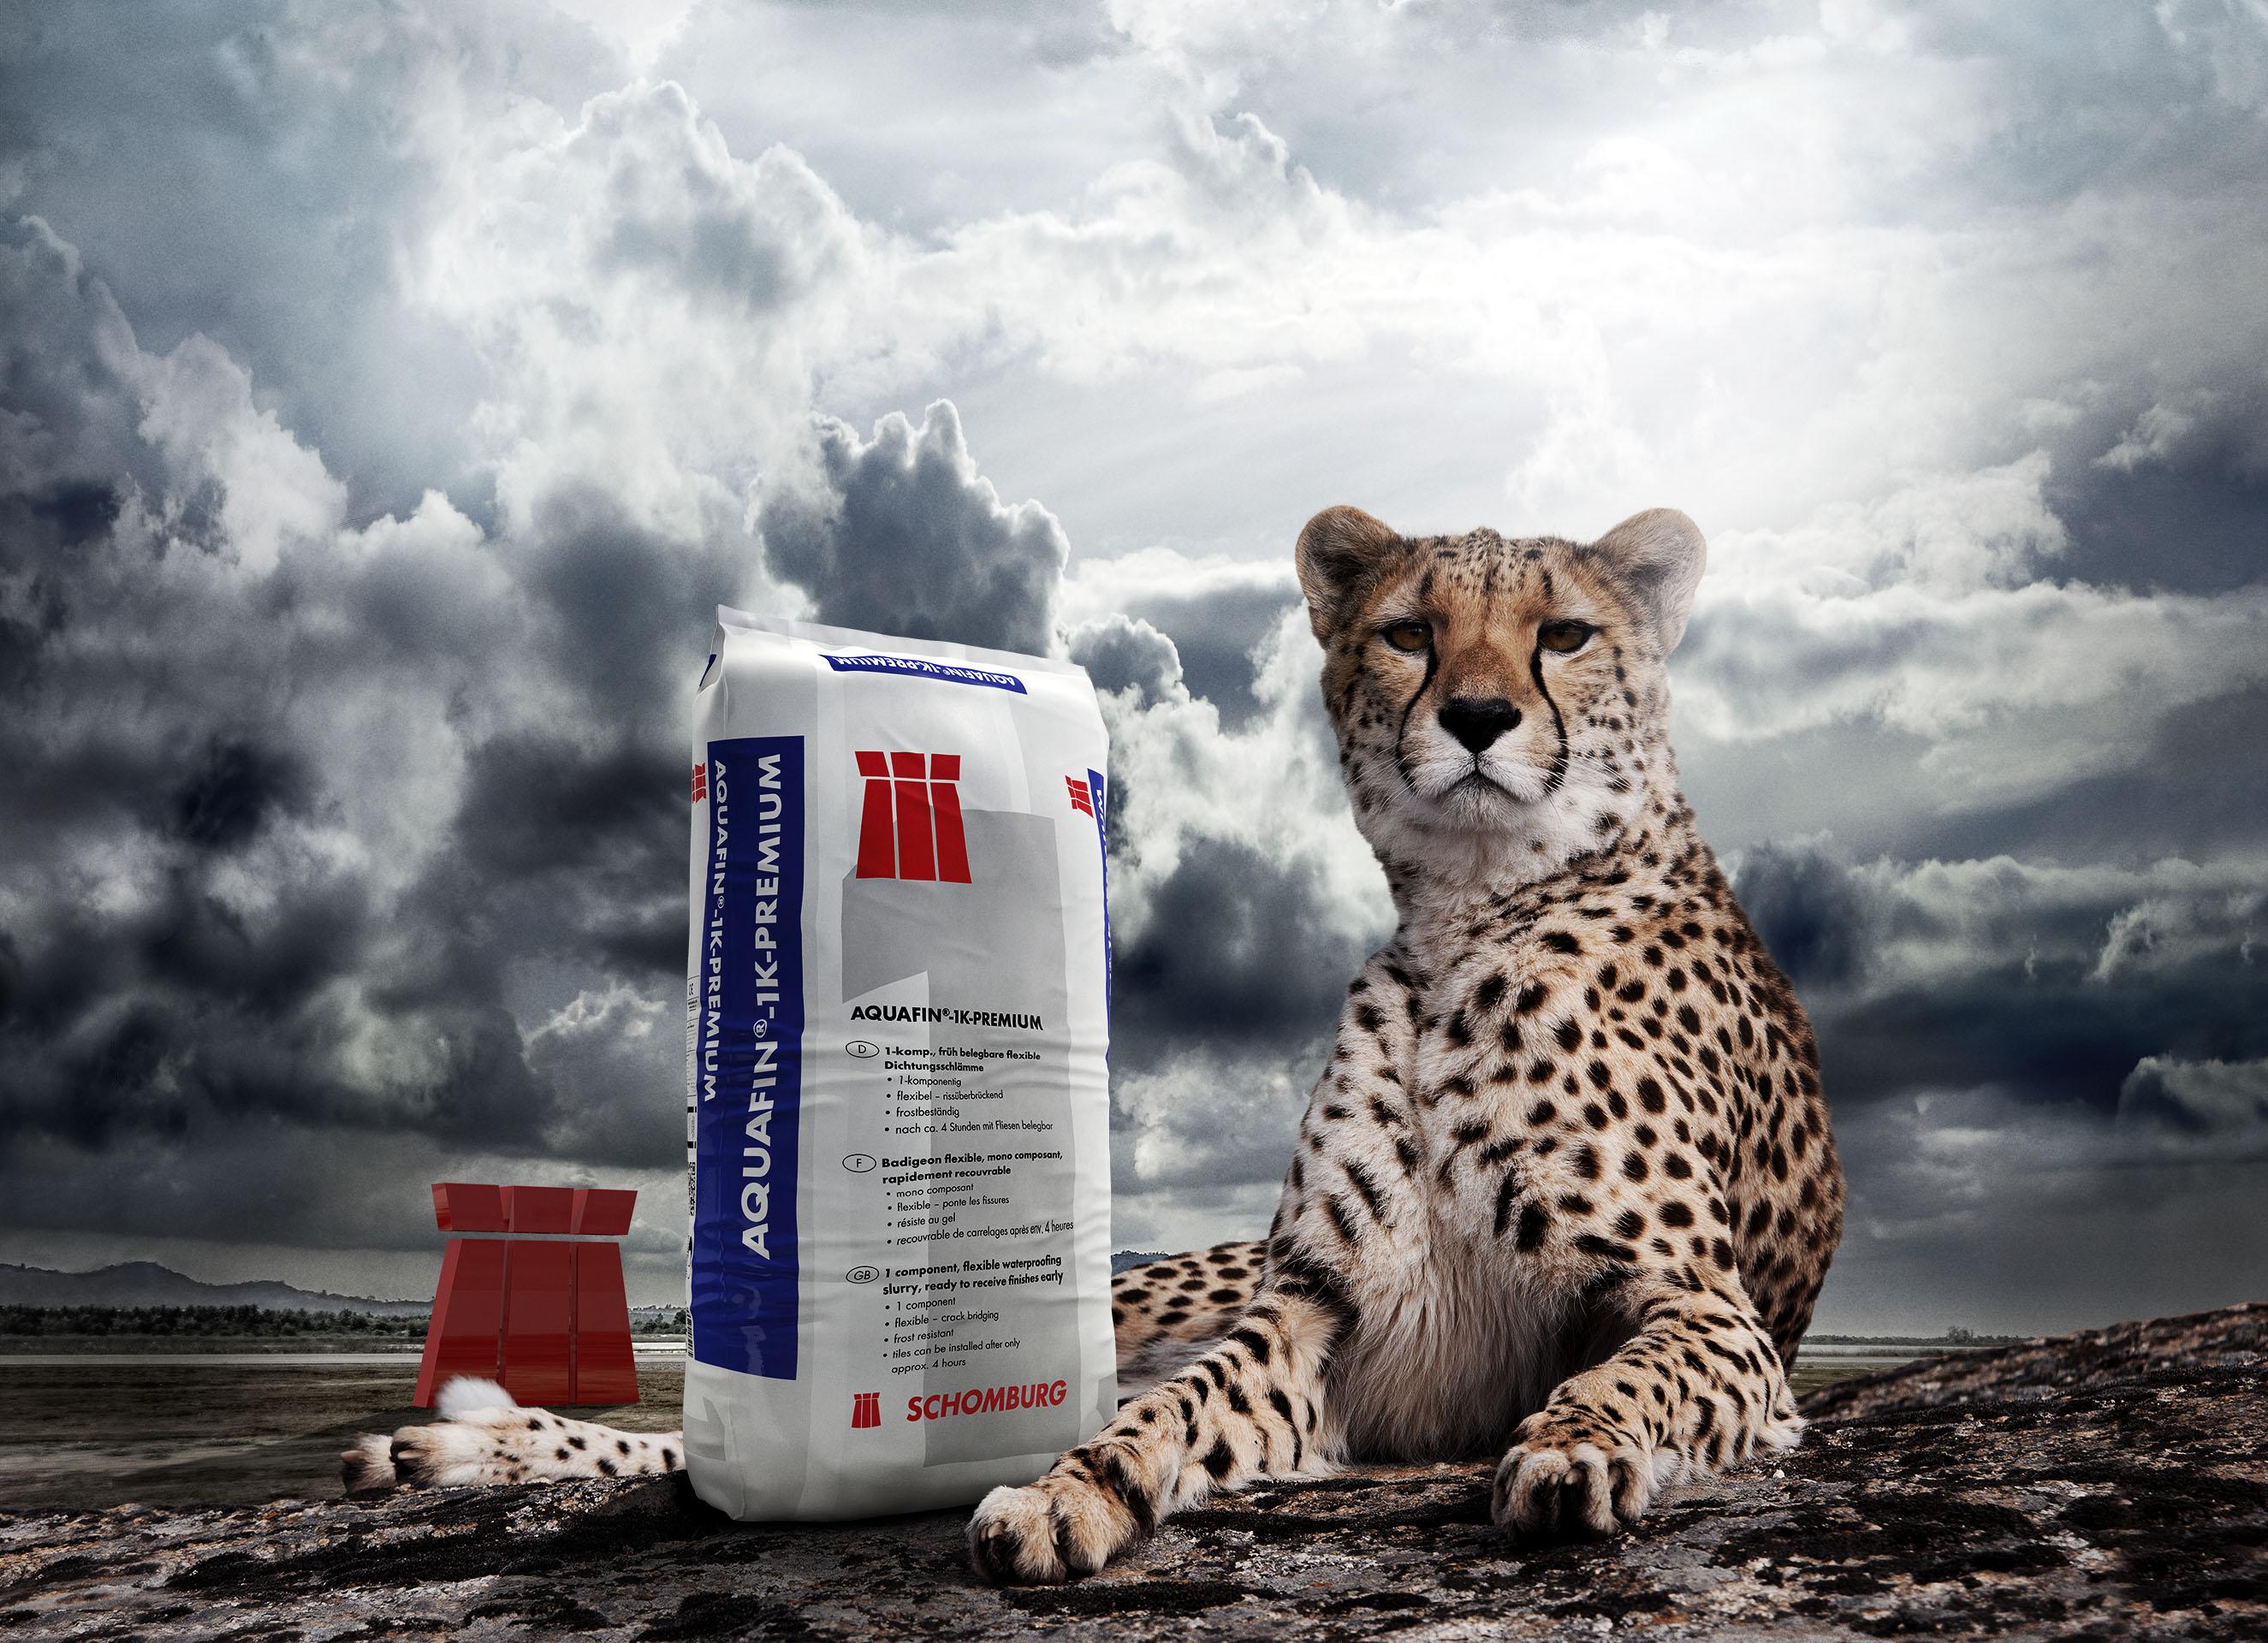 Motiv Aquafin, Anzeigenkampagne, Bauwerksabdichtung - 3D-Visualisierungen/CGI